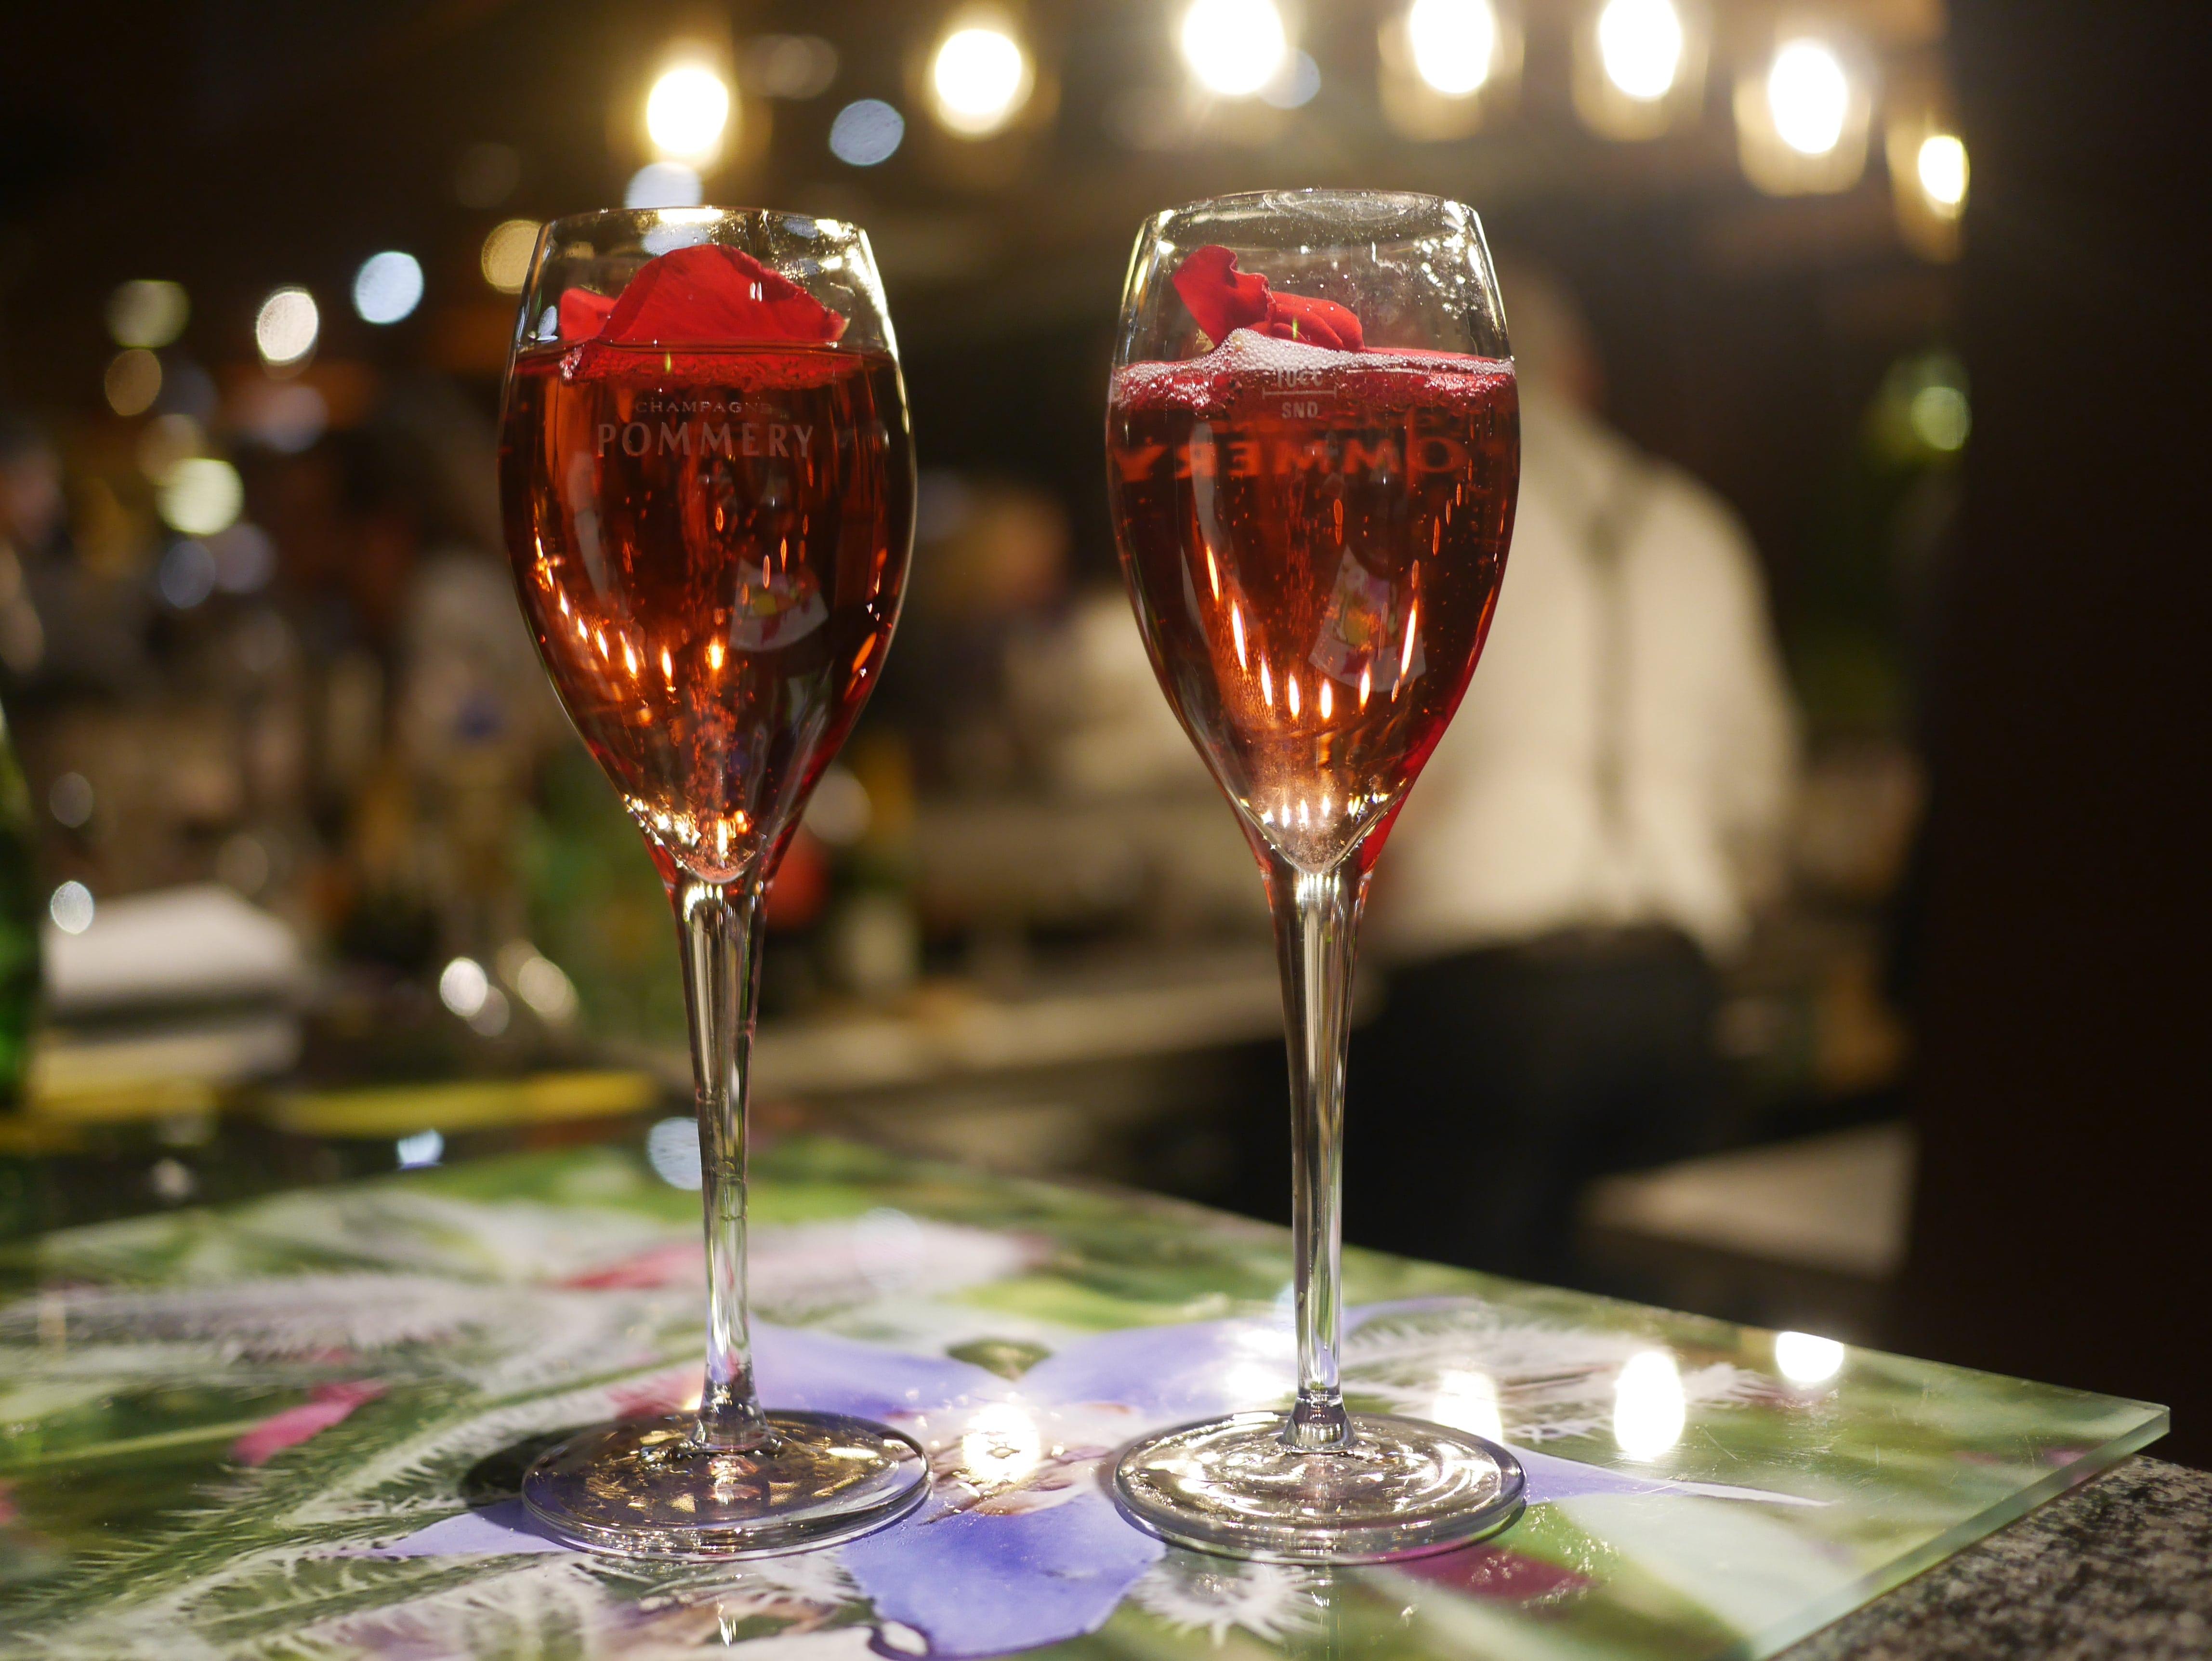 Célibataires : 5 façons de faire des rencontres avant le couvre-feu de 18h